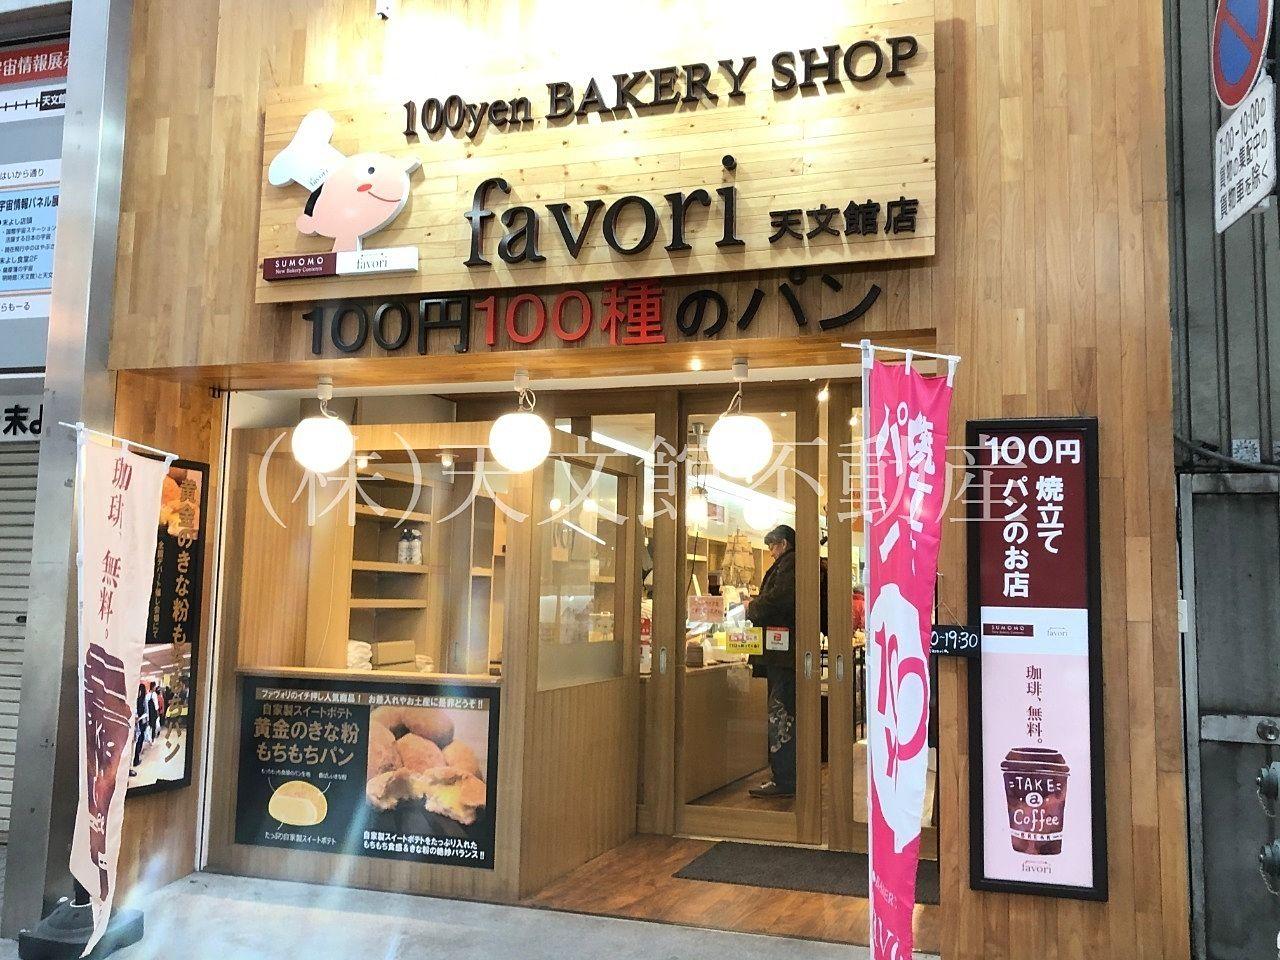 100円パンのお店 favori 天文館店の外観 目立った美味しいパン屋さん